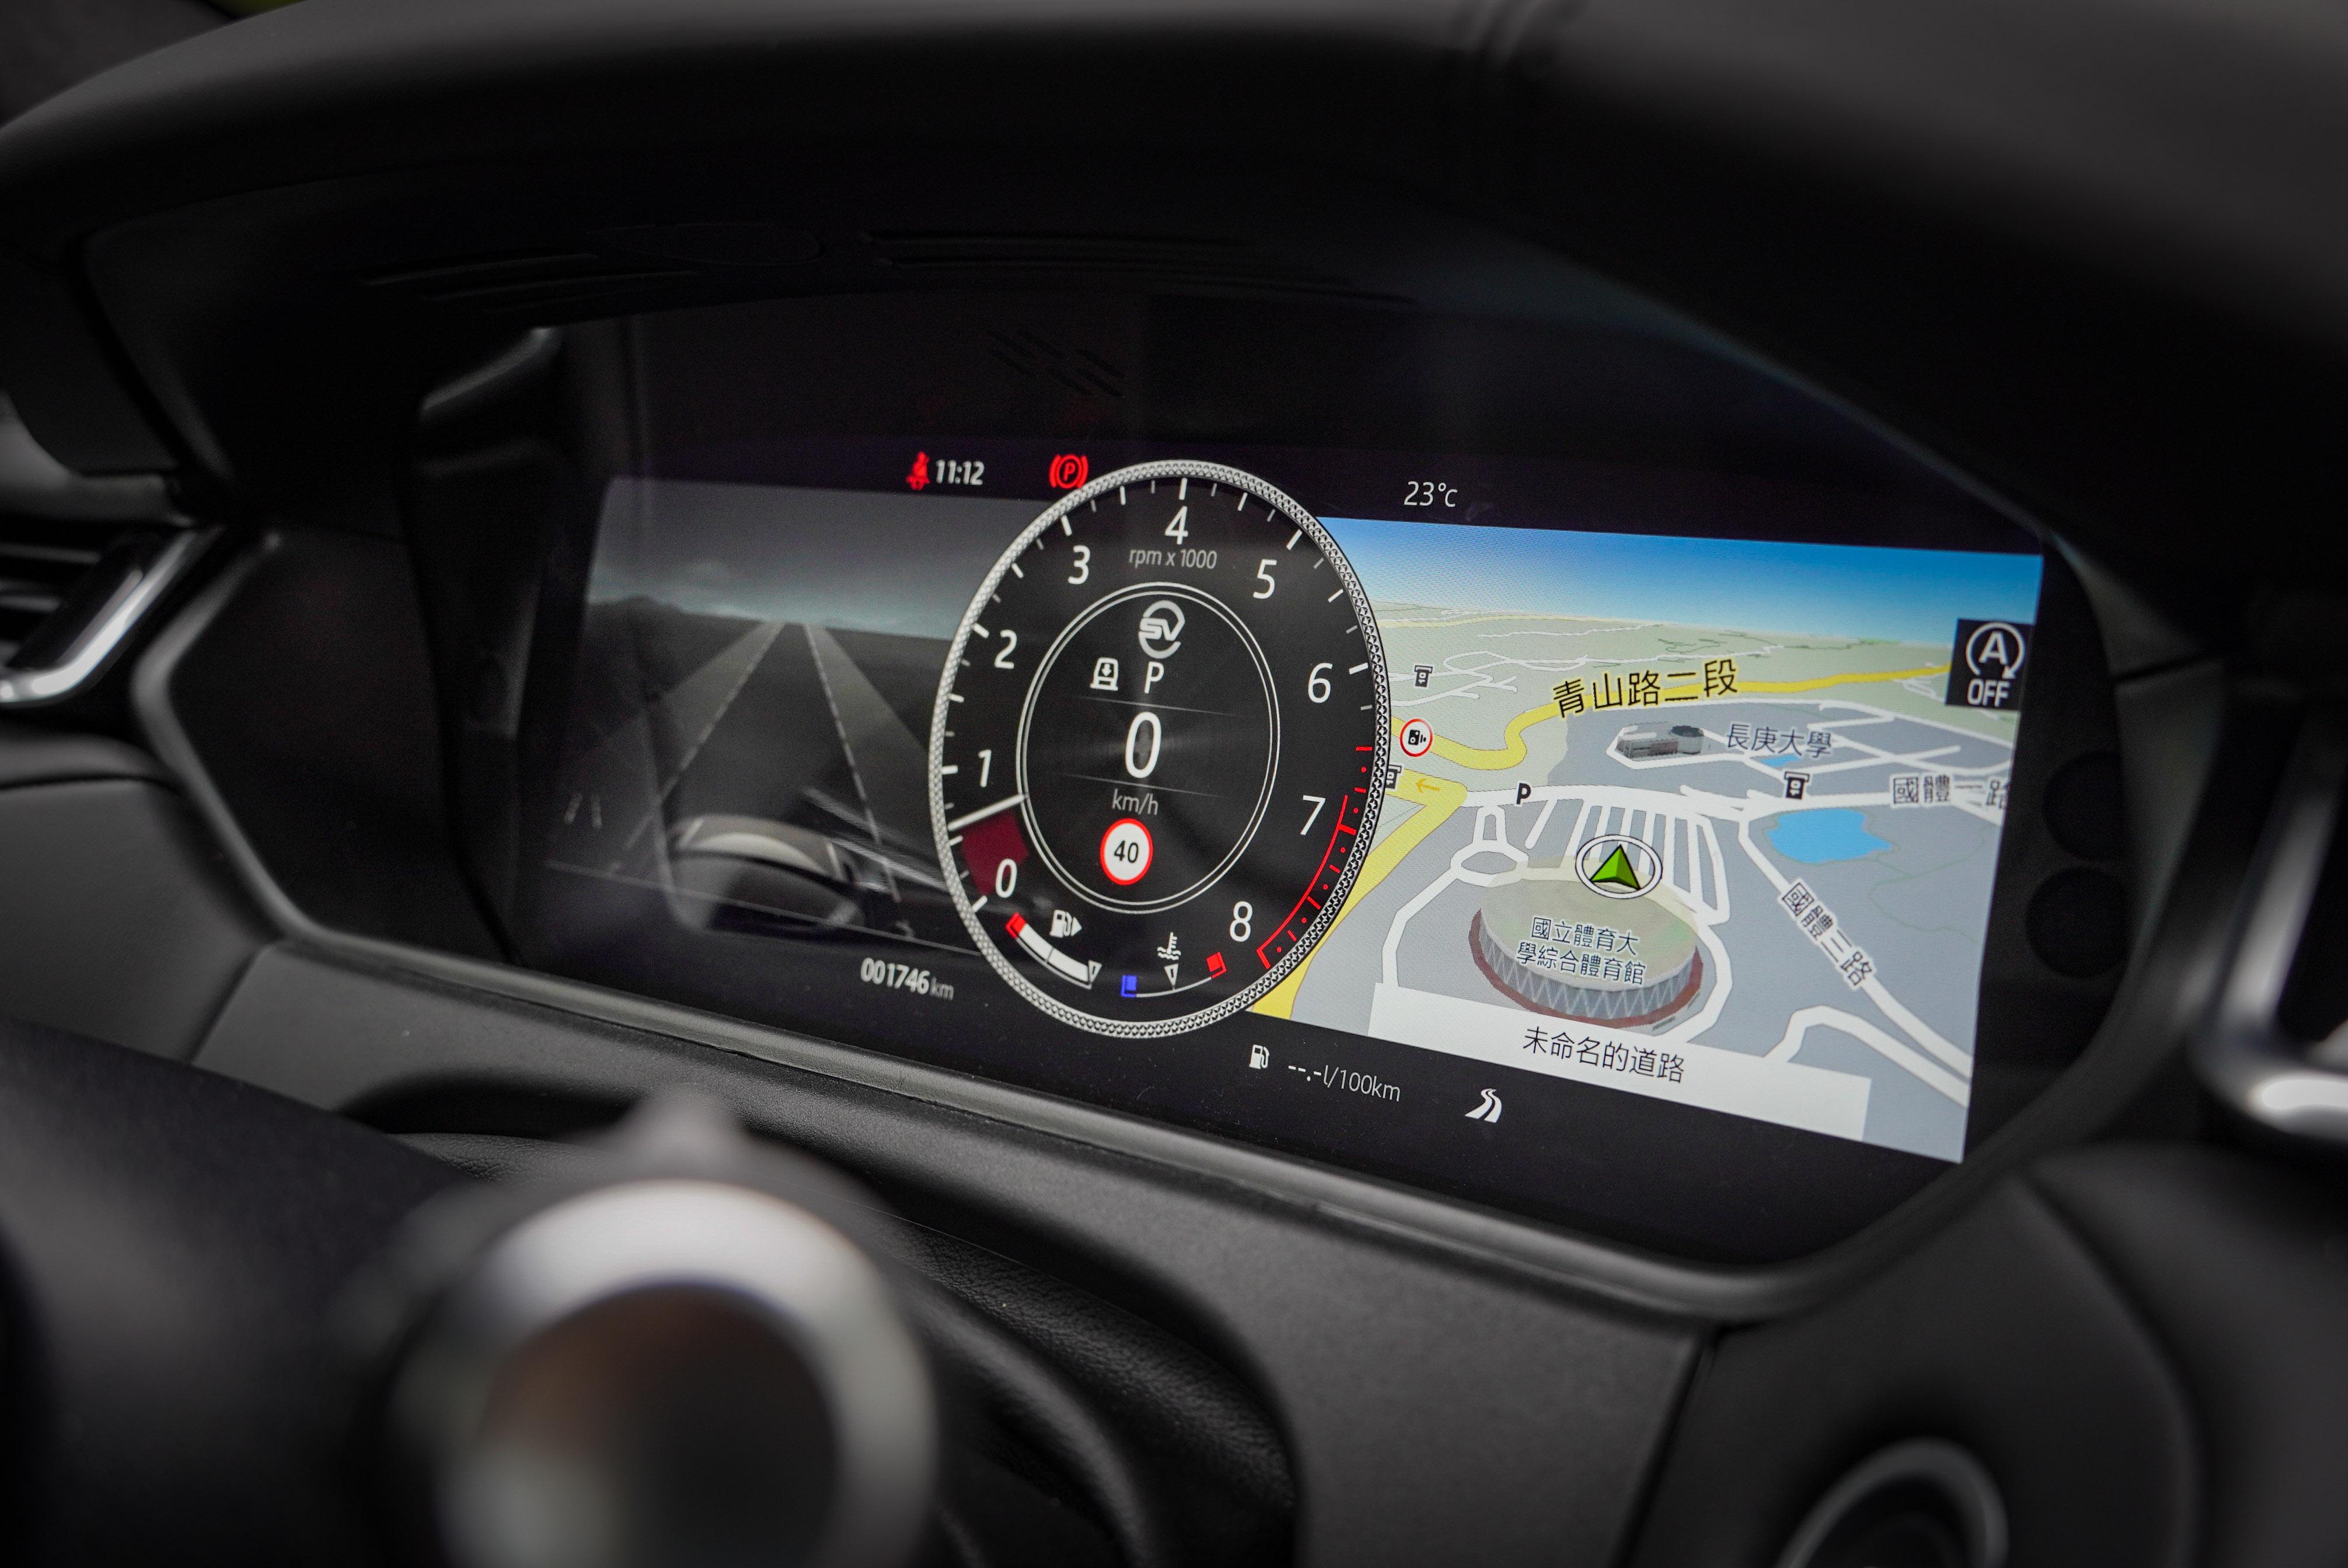 12.3 吋高畫質互動式駕駛顯示幕為標準配備。